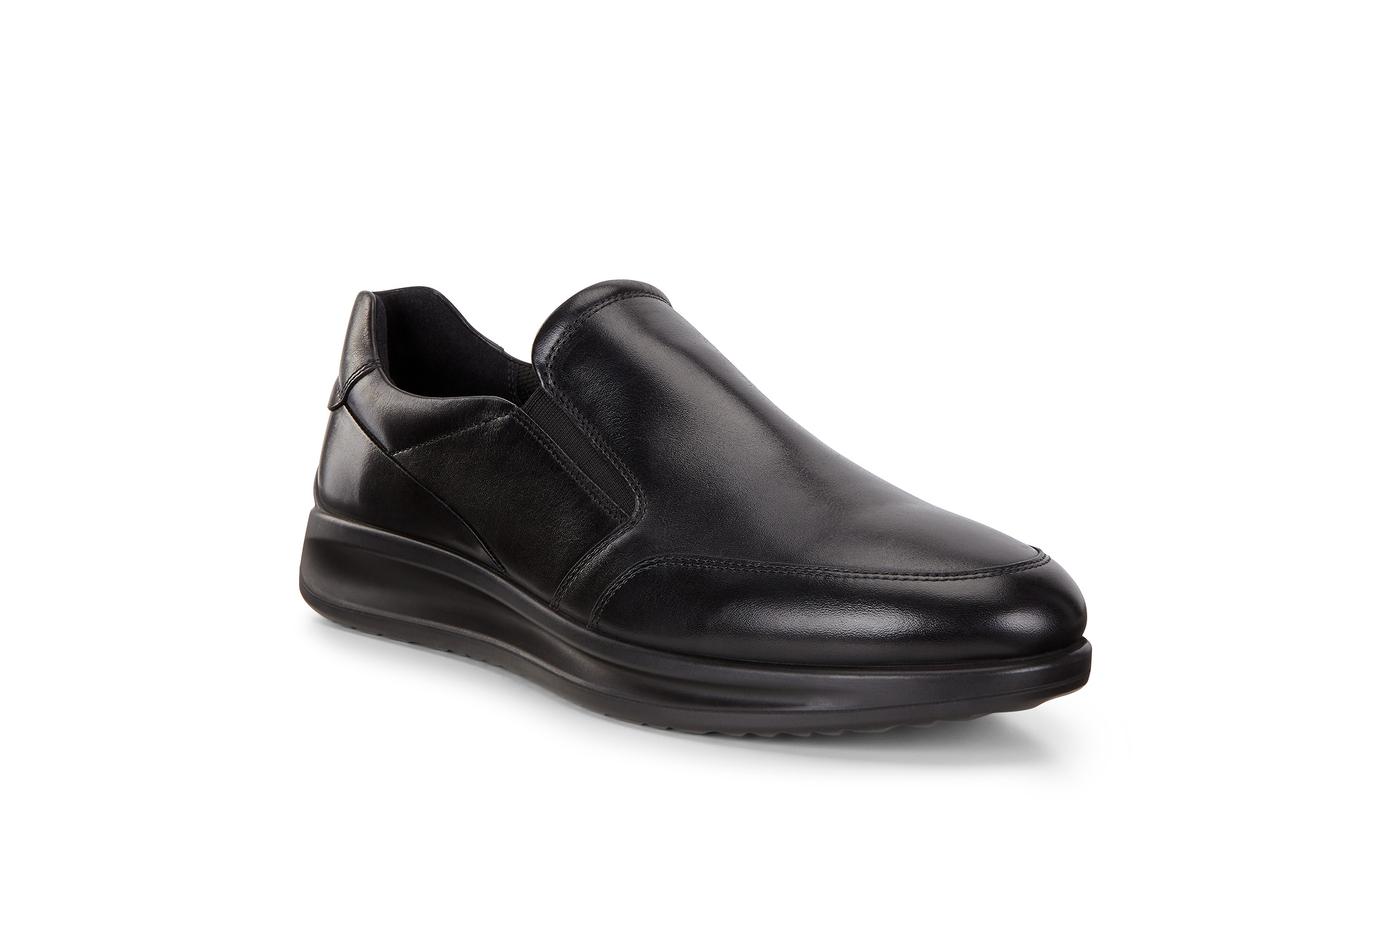 ECCO AQUET M Shoe